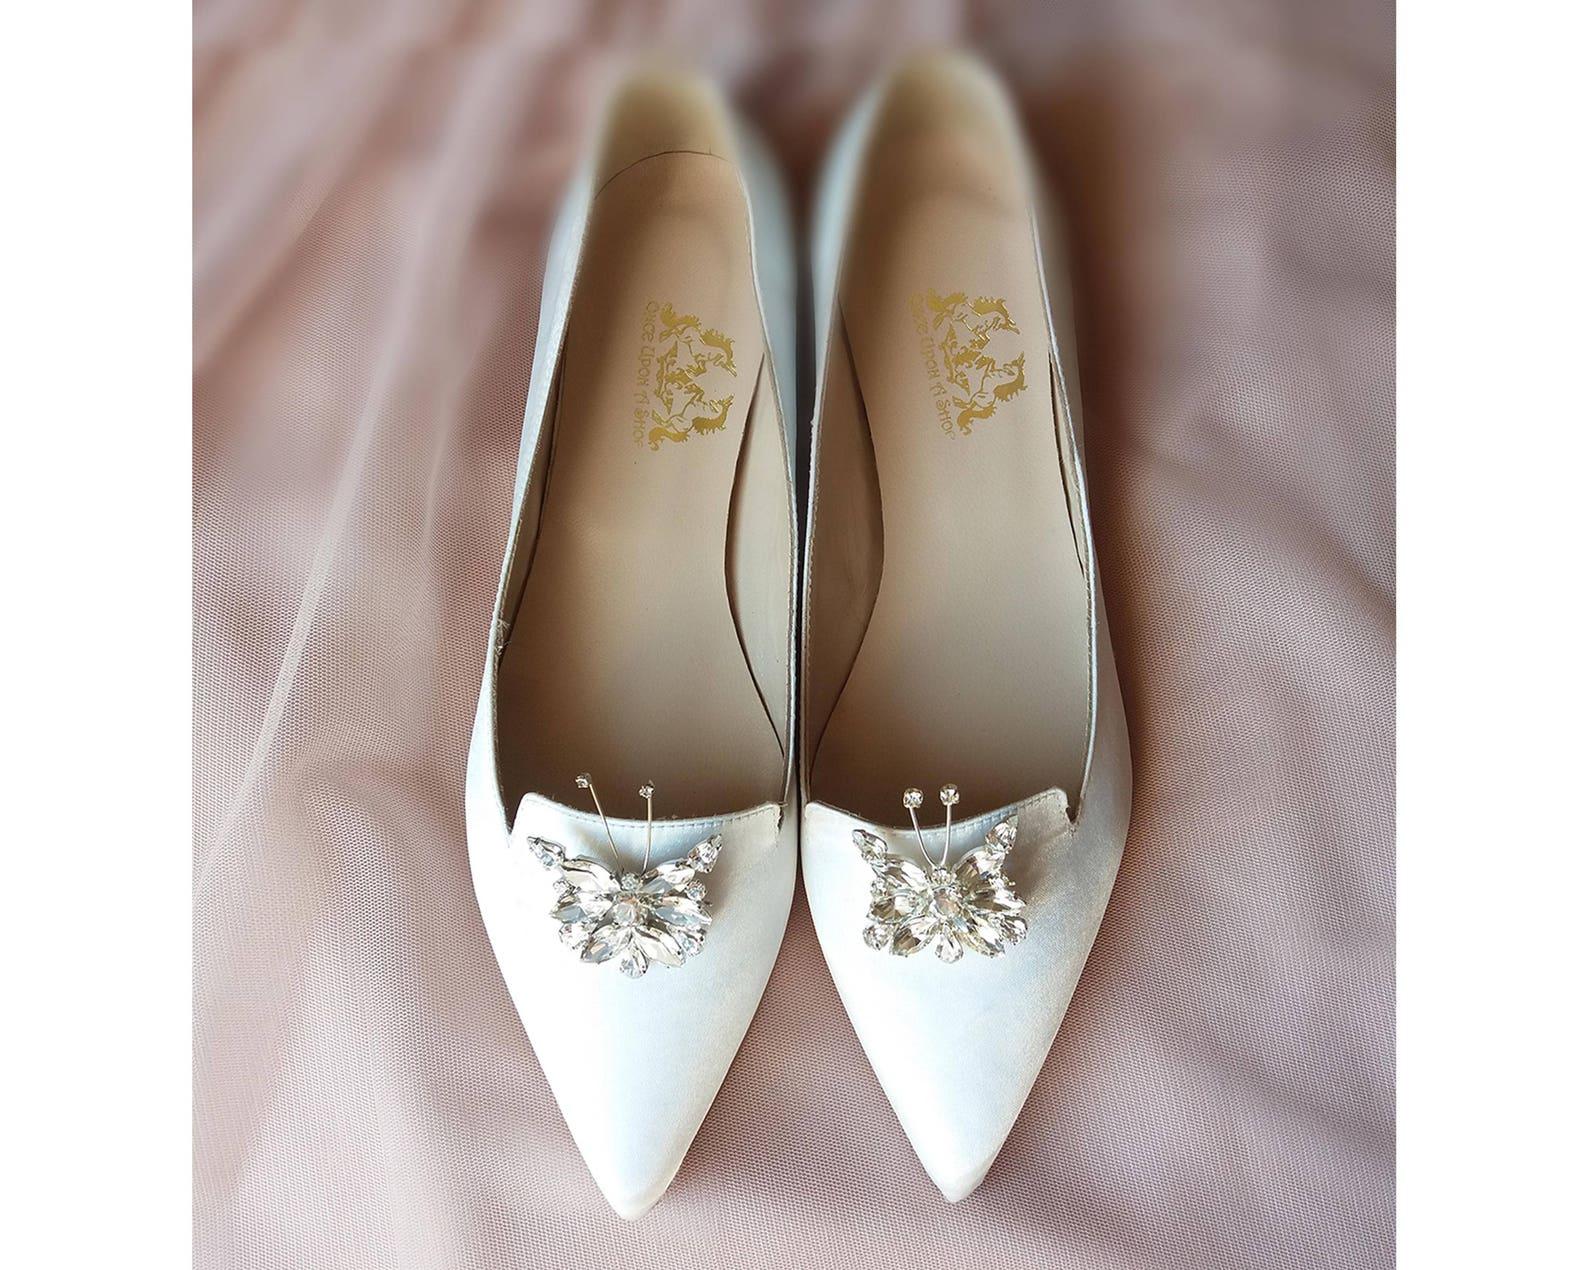 flat wedding shoes white wedding flats wedding ballet flats bridal flats wedding shoes flats white bridal flat shoes white leath